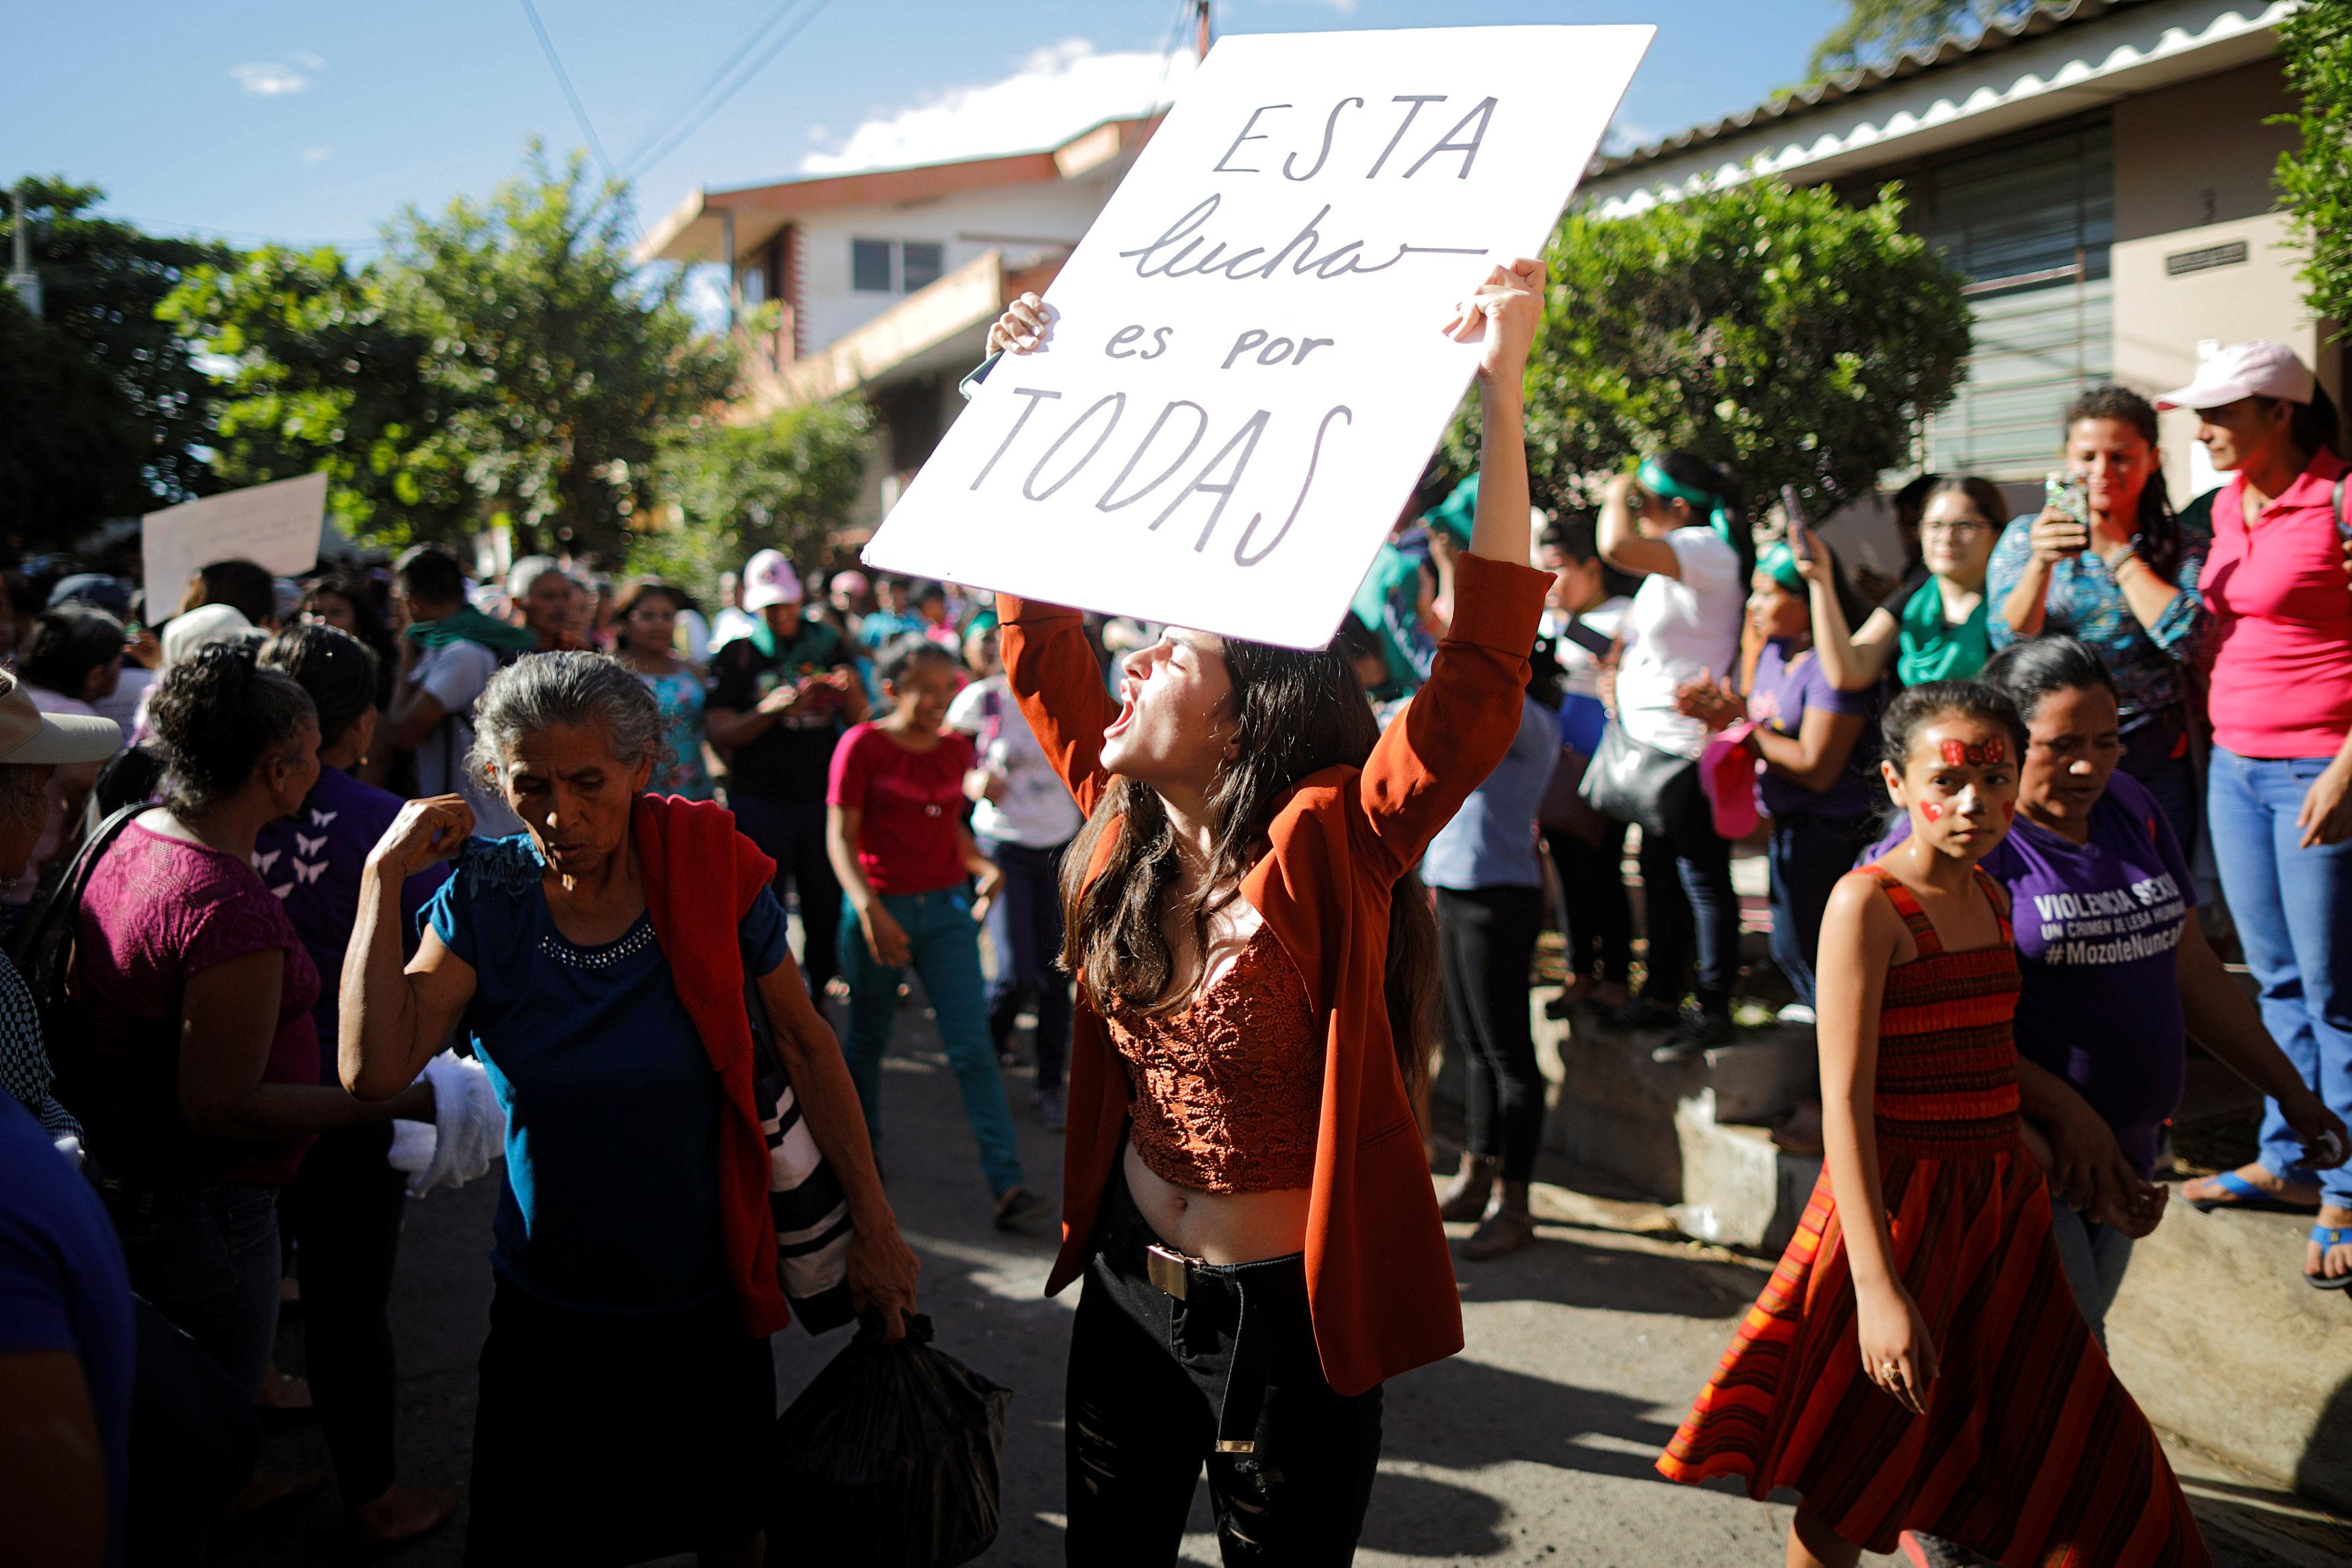 Agrupaciones feministas se manifestaron frente al tribunal que ventiló el caso (REUTERS/Jose Cabezas)